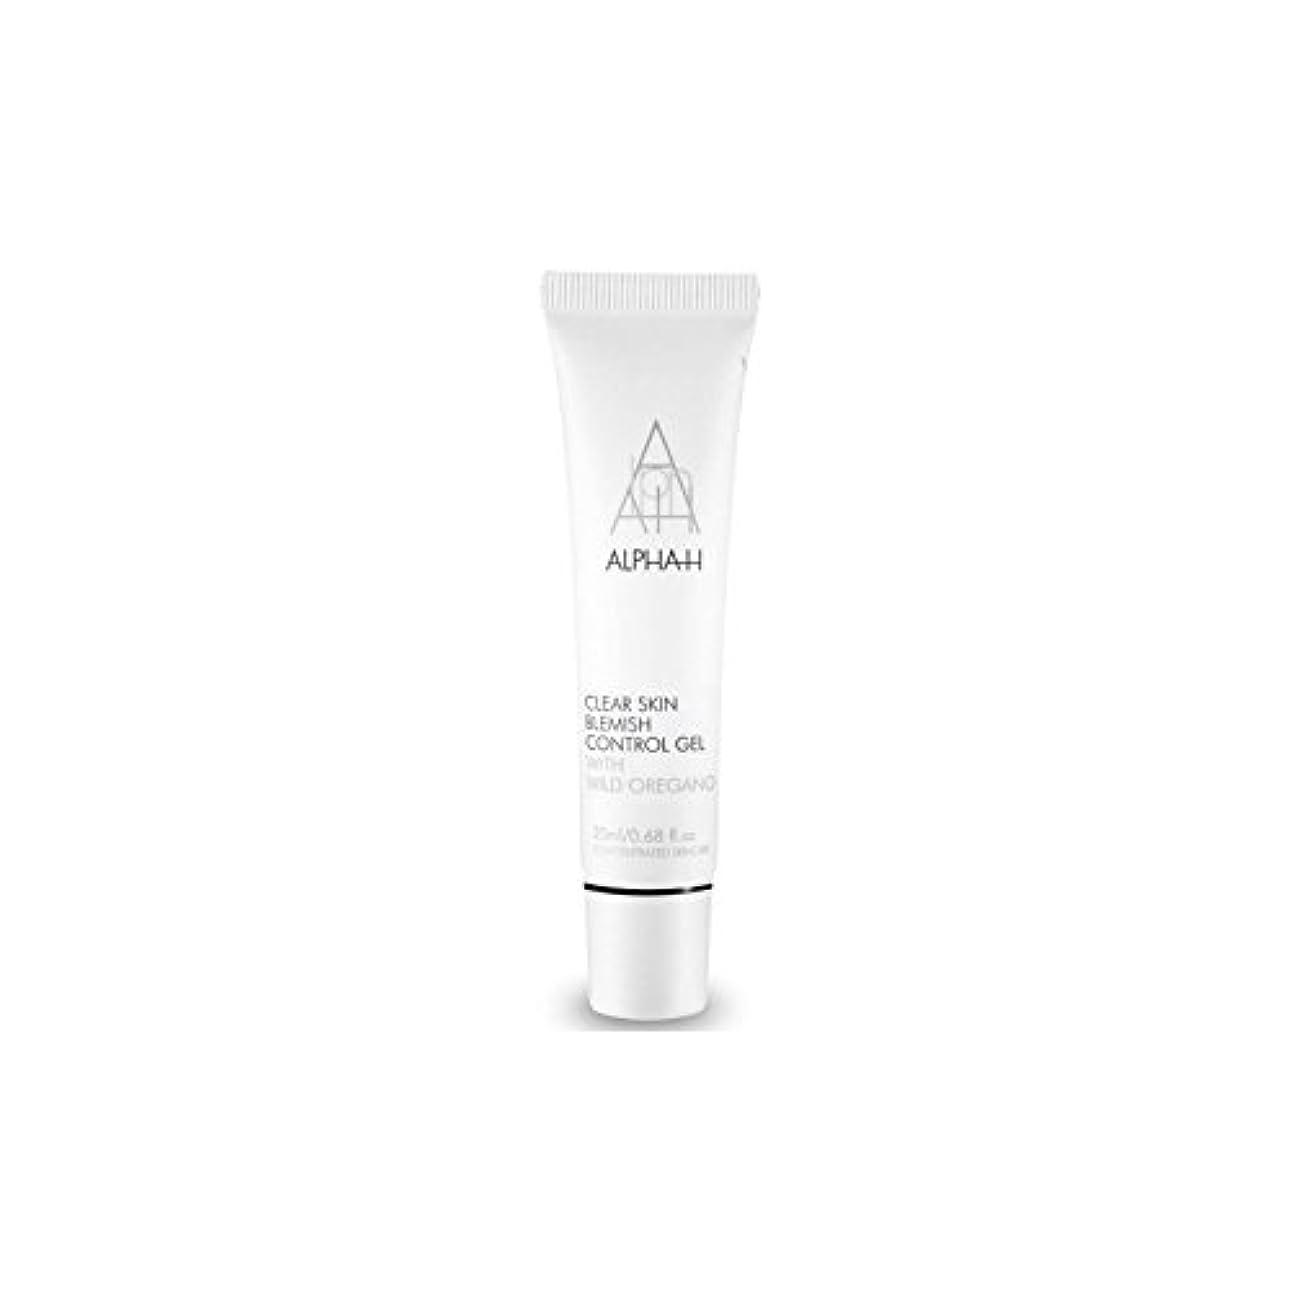 Alpha-H Clear Skin Blemish Control Gel (20ml) - アルファクリア皮膚傷制御ゲル(20)中 [並行輸入品]